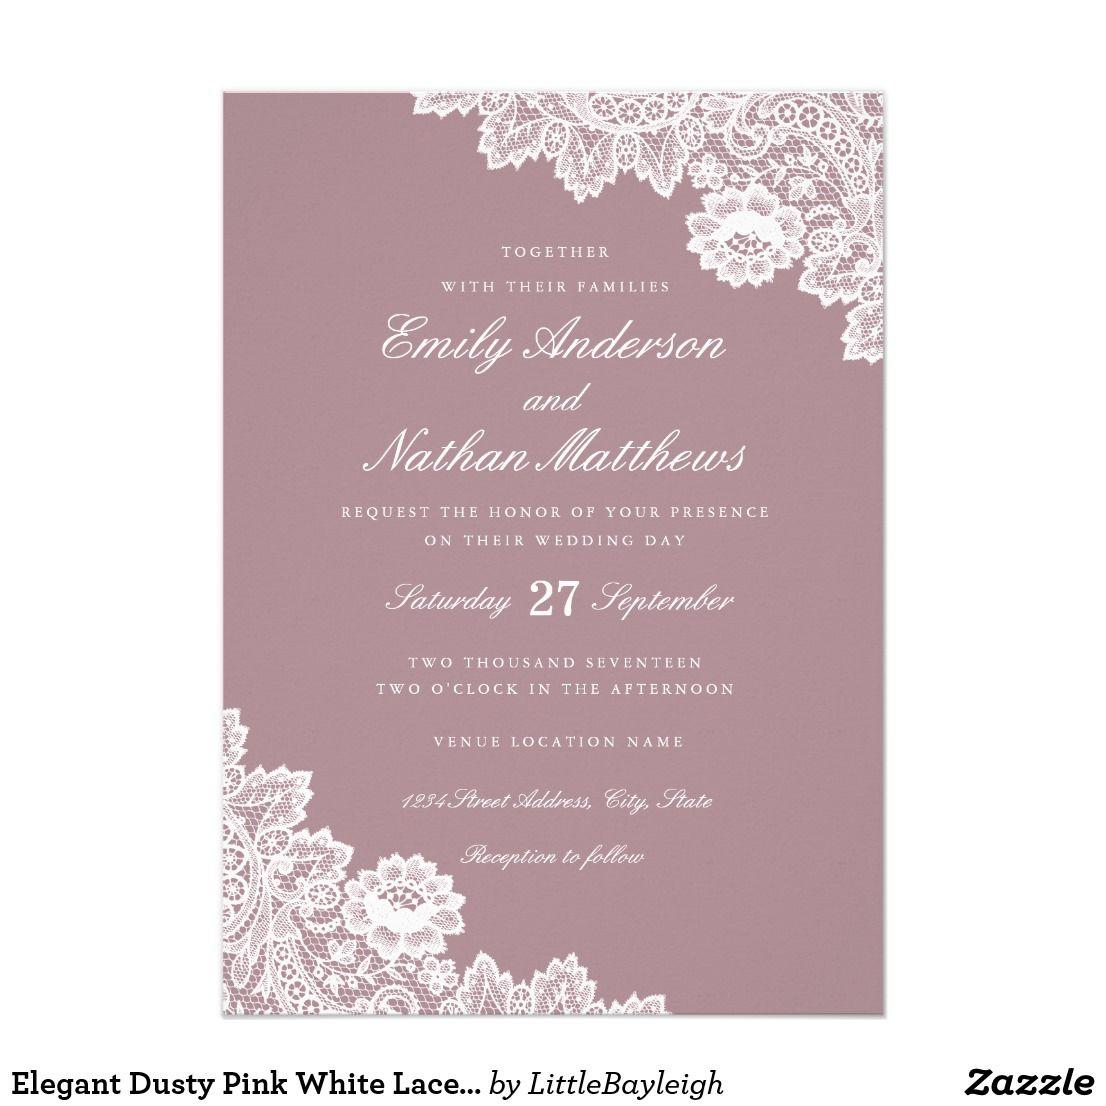 Elegant Dusty Pink White Lace Wedding Invitation Zazzle Com